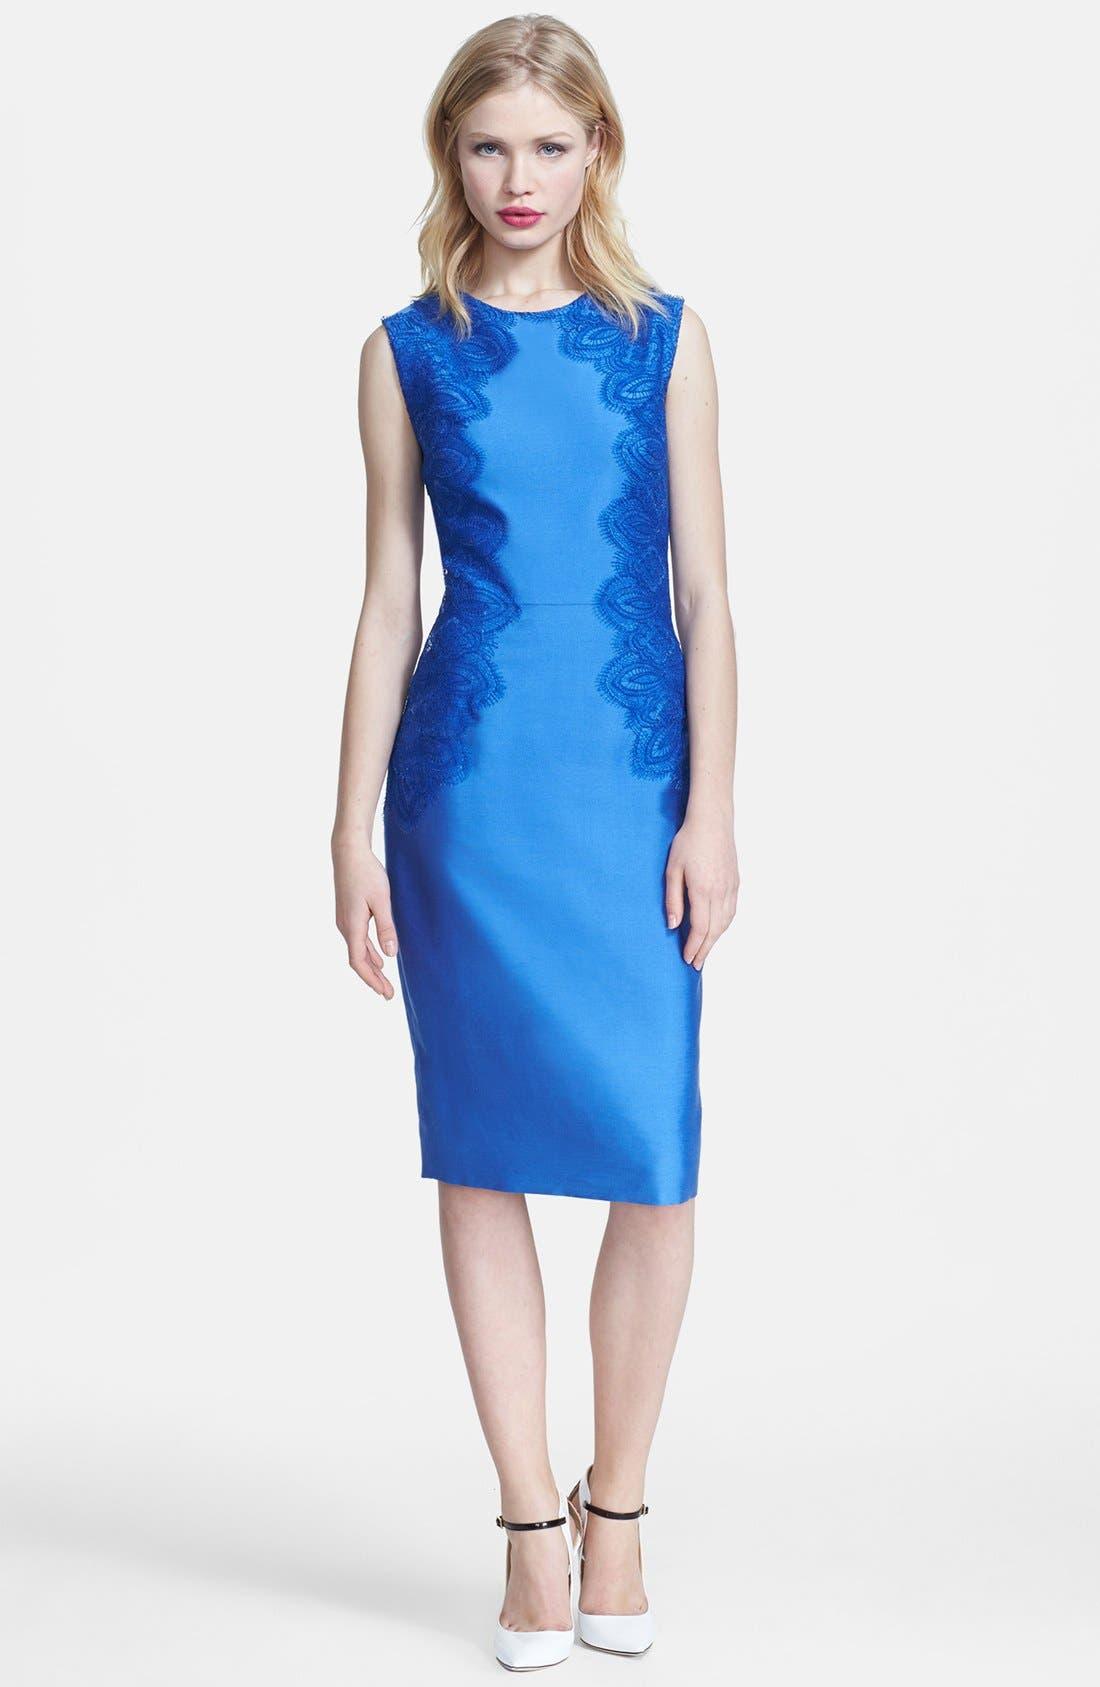 Alternate Image 1 Selected - Lela Rose Lace Panel Sheath Dress